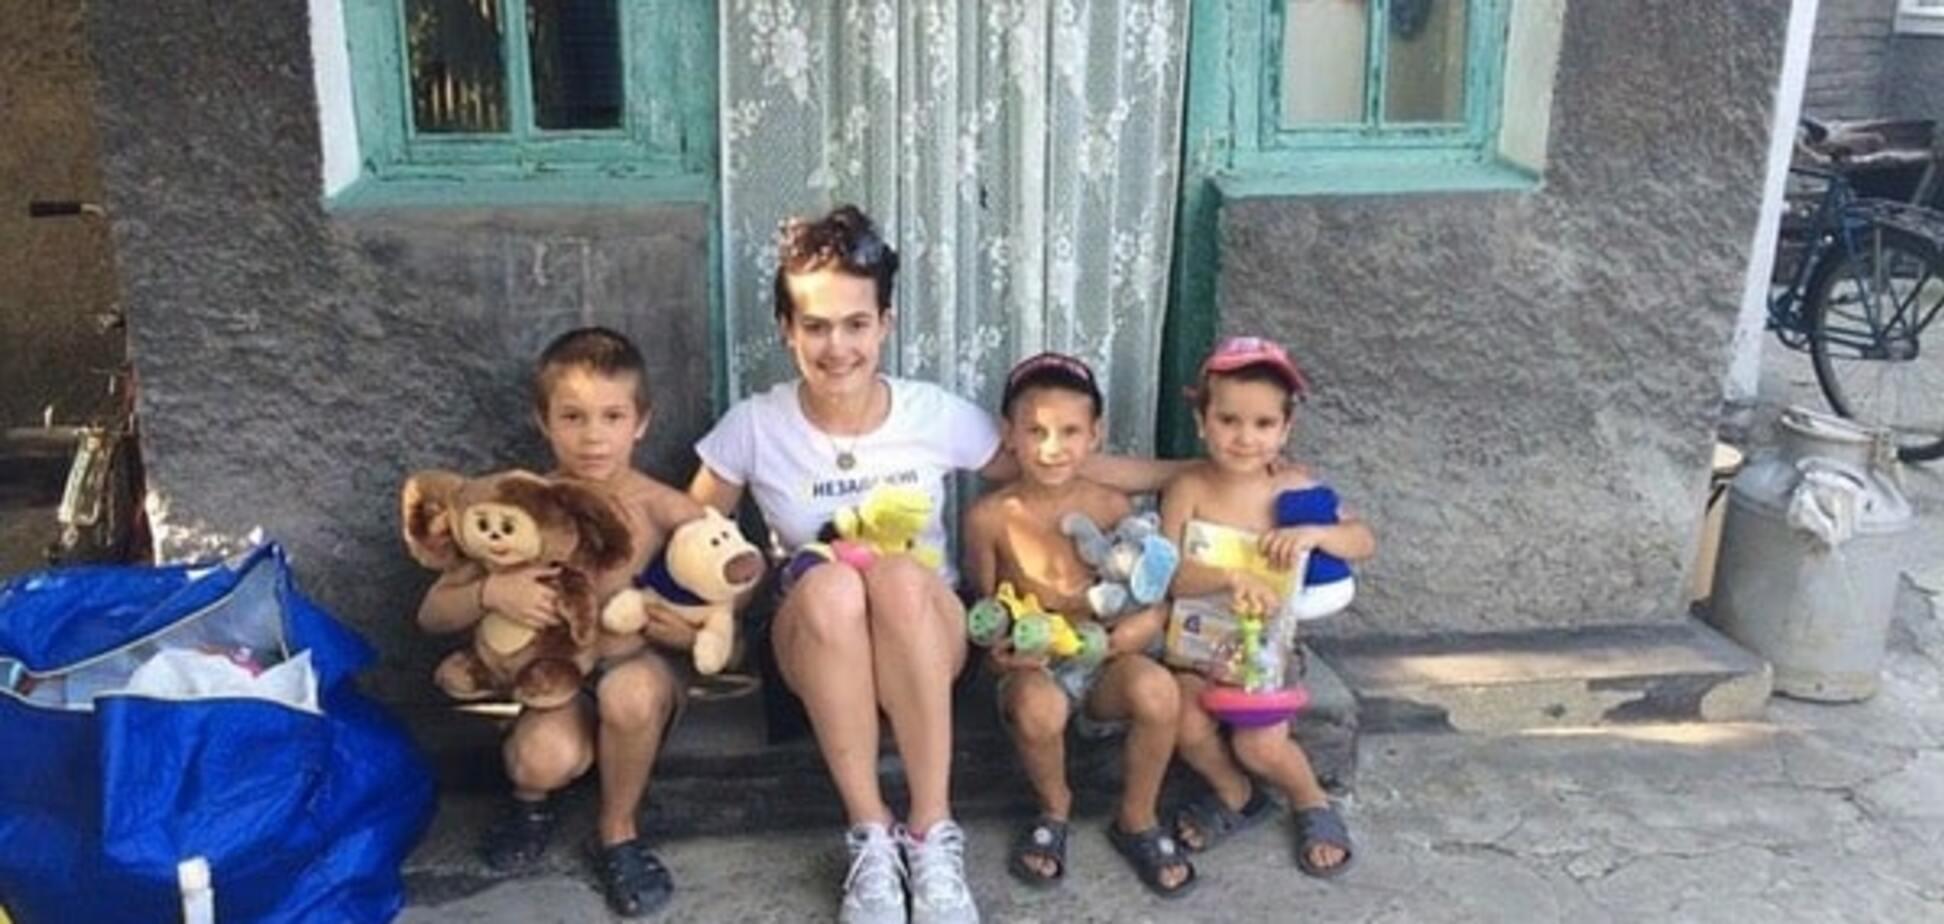 'Они - герои': известная украинская гимнастка помогла детям в самой горячей точке АТО